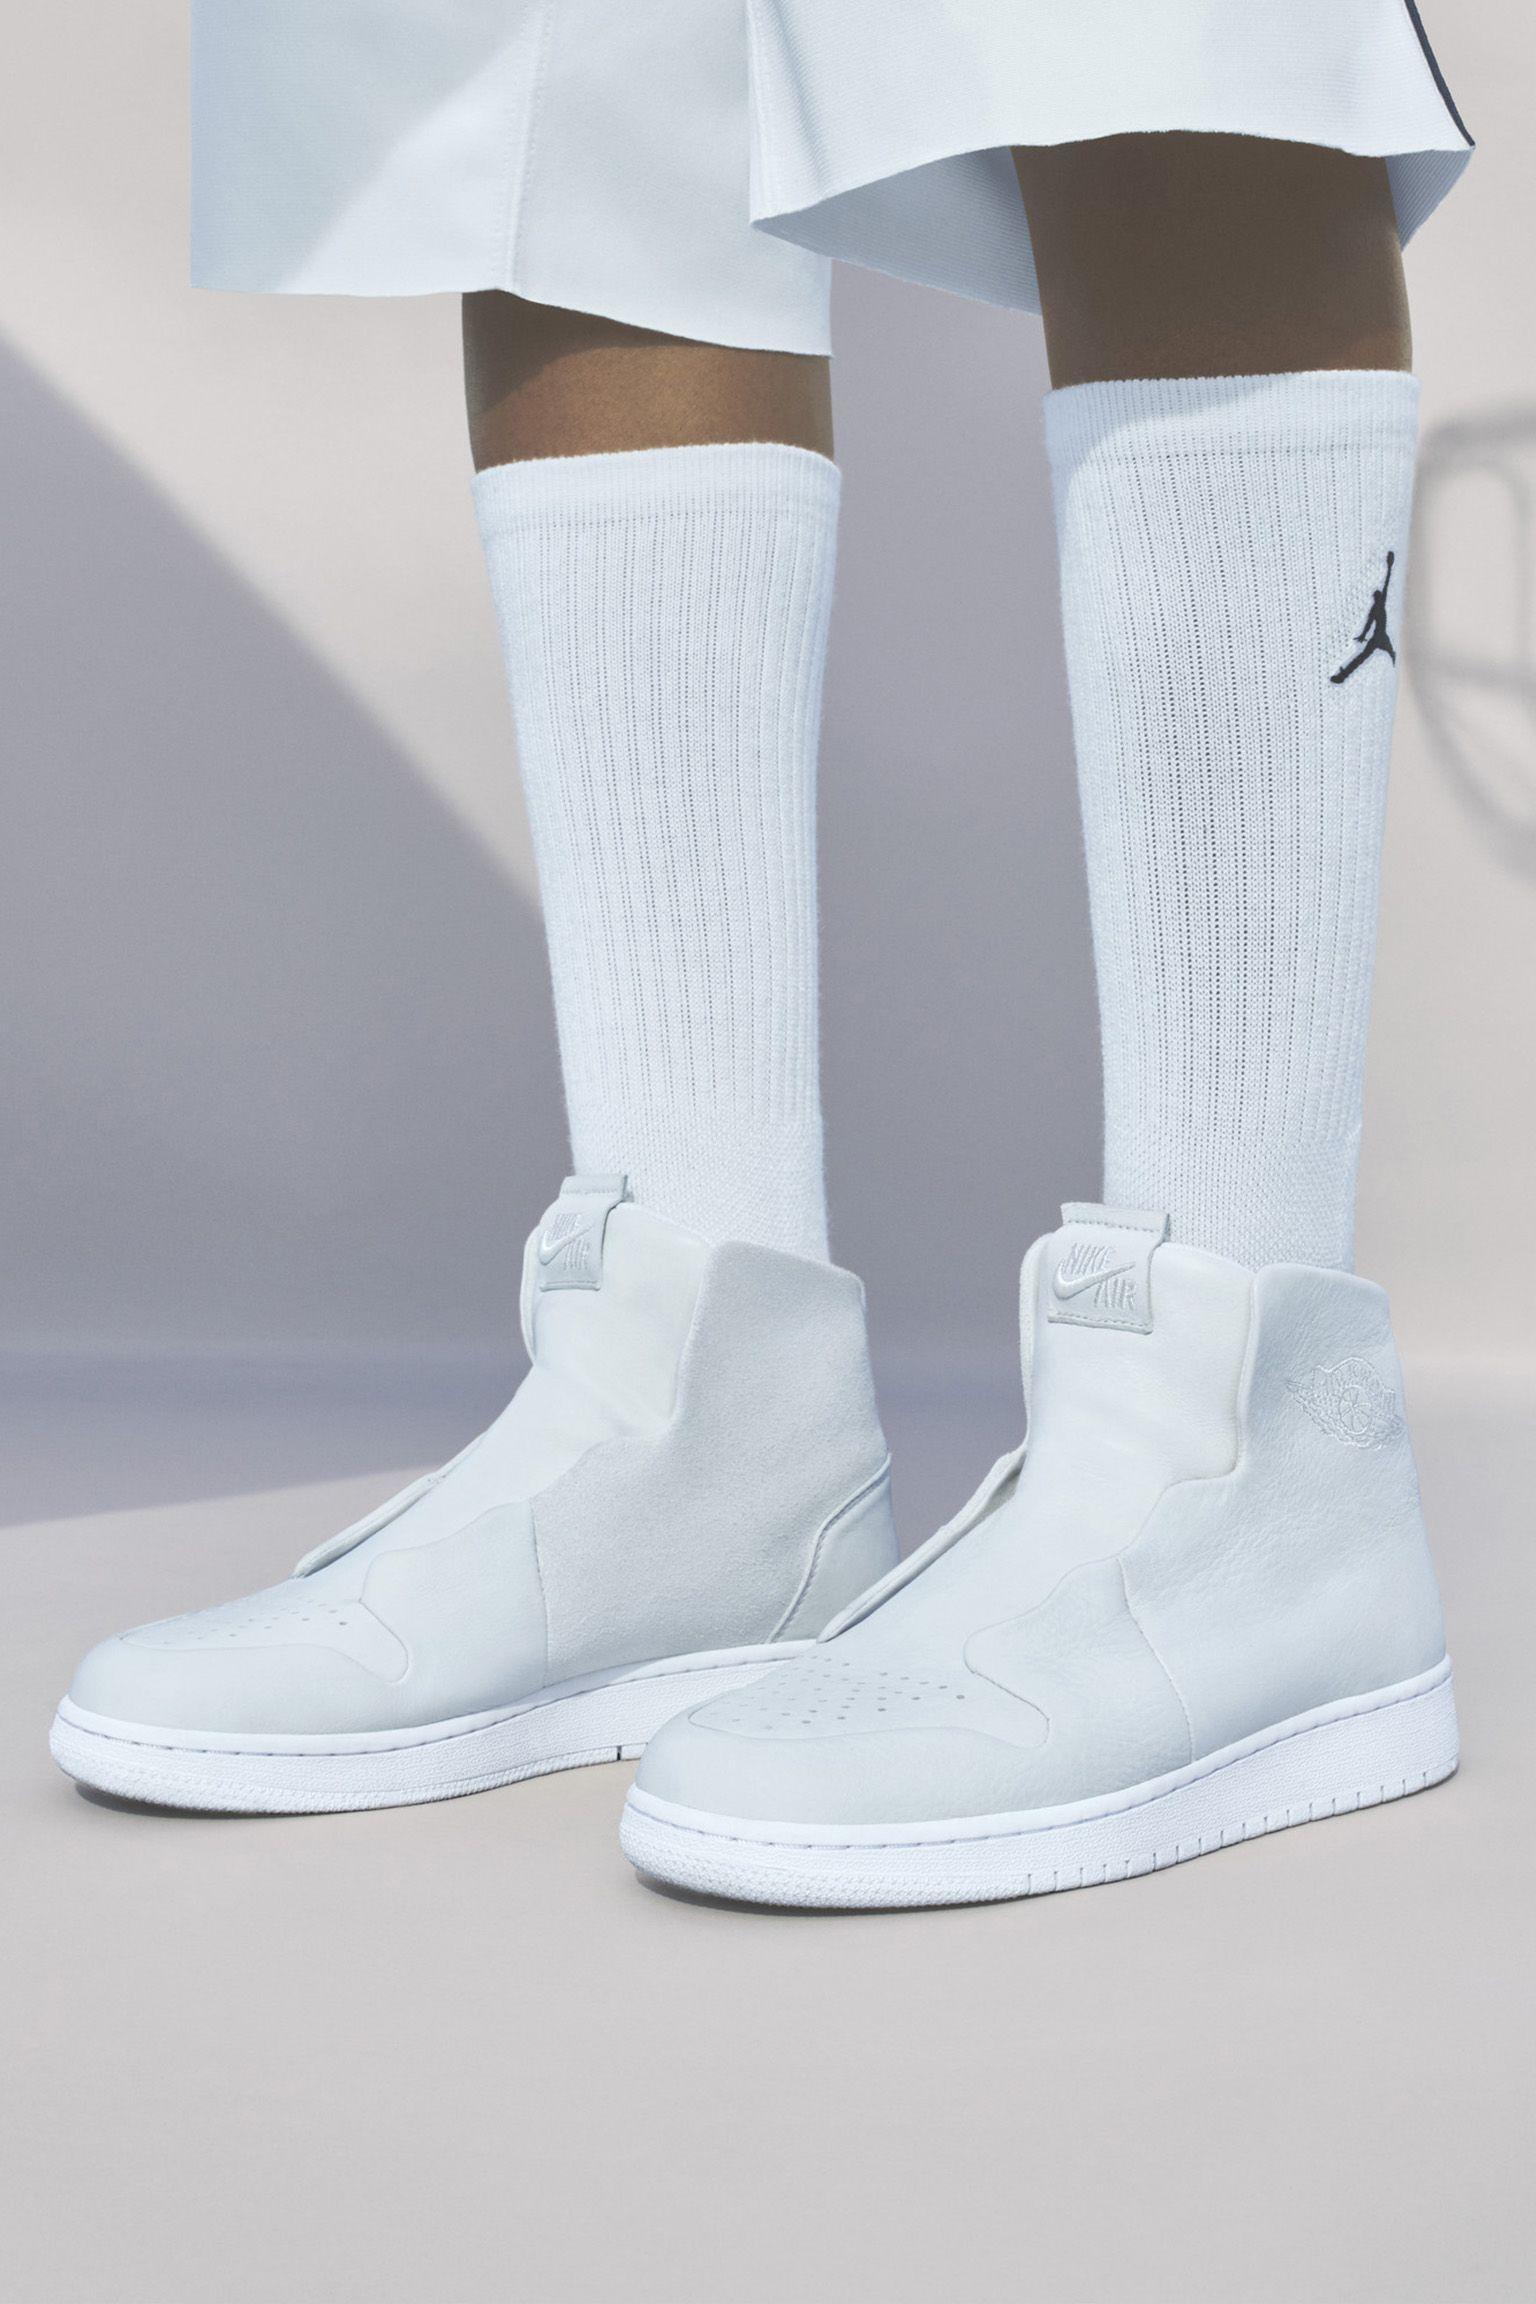 79d98e7d0b9 Women's Air Jordan 1 Sage XX '1 Reimagined' Release Date. Nike+ SNKRS